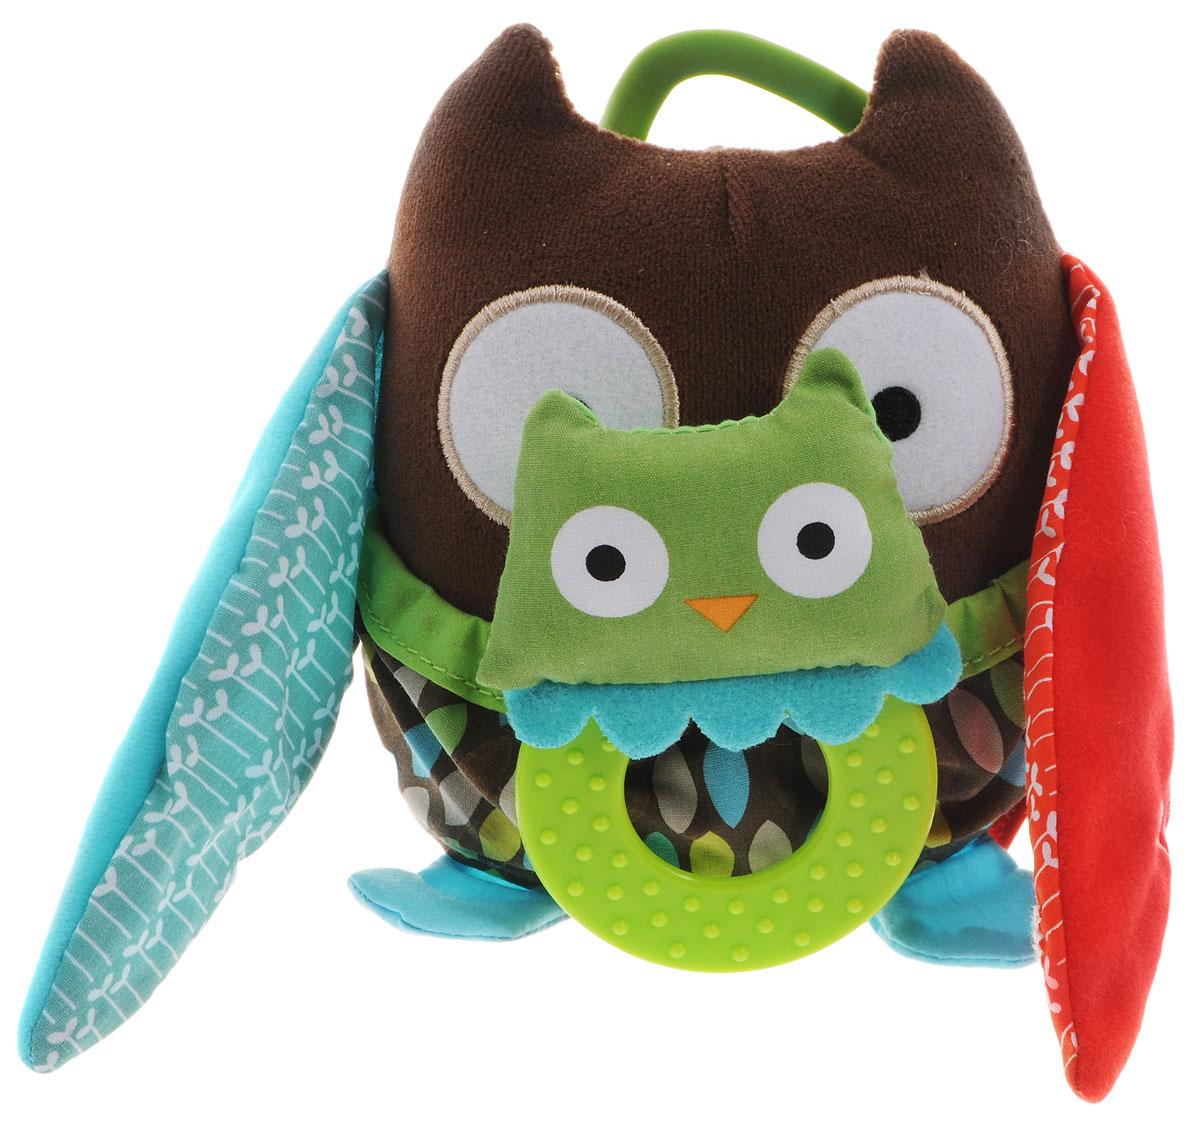 Skip Hop Развивающая игрушка-подвеска Сова с совенкомSH 307510Подвесную игрушку на коляску Skip Hop Сова с совенком можно взять с собой на прогулку в парк, она не даст заскучать и успокоит вашего малыша, если его что-то расстроит. Игрушка выполнена из разнофактурных материалов в виде мамы-совы со своим малышом-совенком. Лапки мамы совы шелестят, тело совенка выполнено в виде пластикового кольца-прорезывателя. За счет разнообразной фактуры забавные зверюшки от Skip Hop помогут в тактильном развитии вашему малышу, станут хорошими друзьями и всегда поднимут настроение. Игрушка легко крепится к любой коляске или кроватке с помощью большого пластикового кольца.